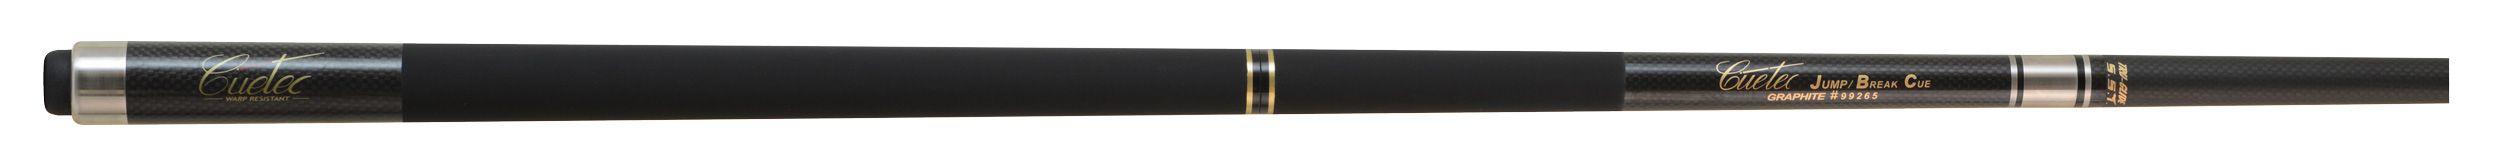 グラファイト ジャンプ&ブレイクキュー 99265 (sstシャフト装備/cuetec) 商品画像